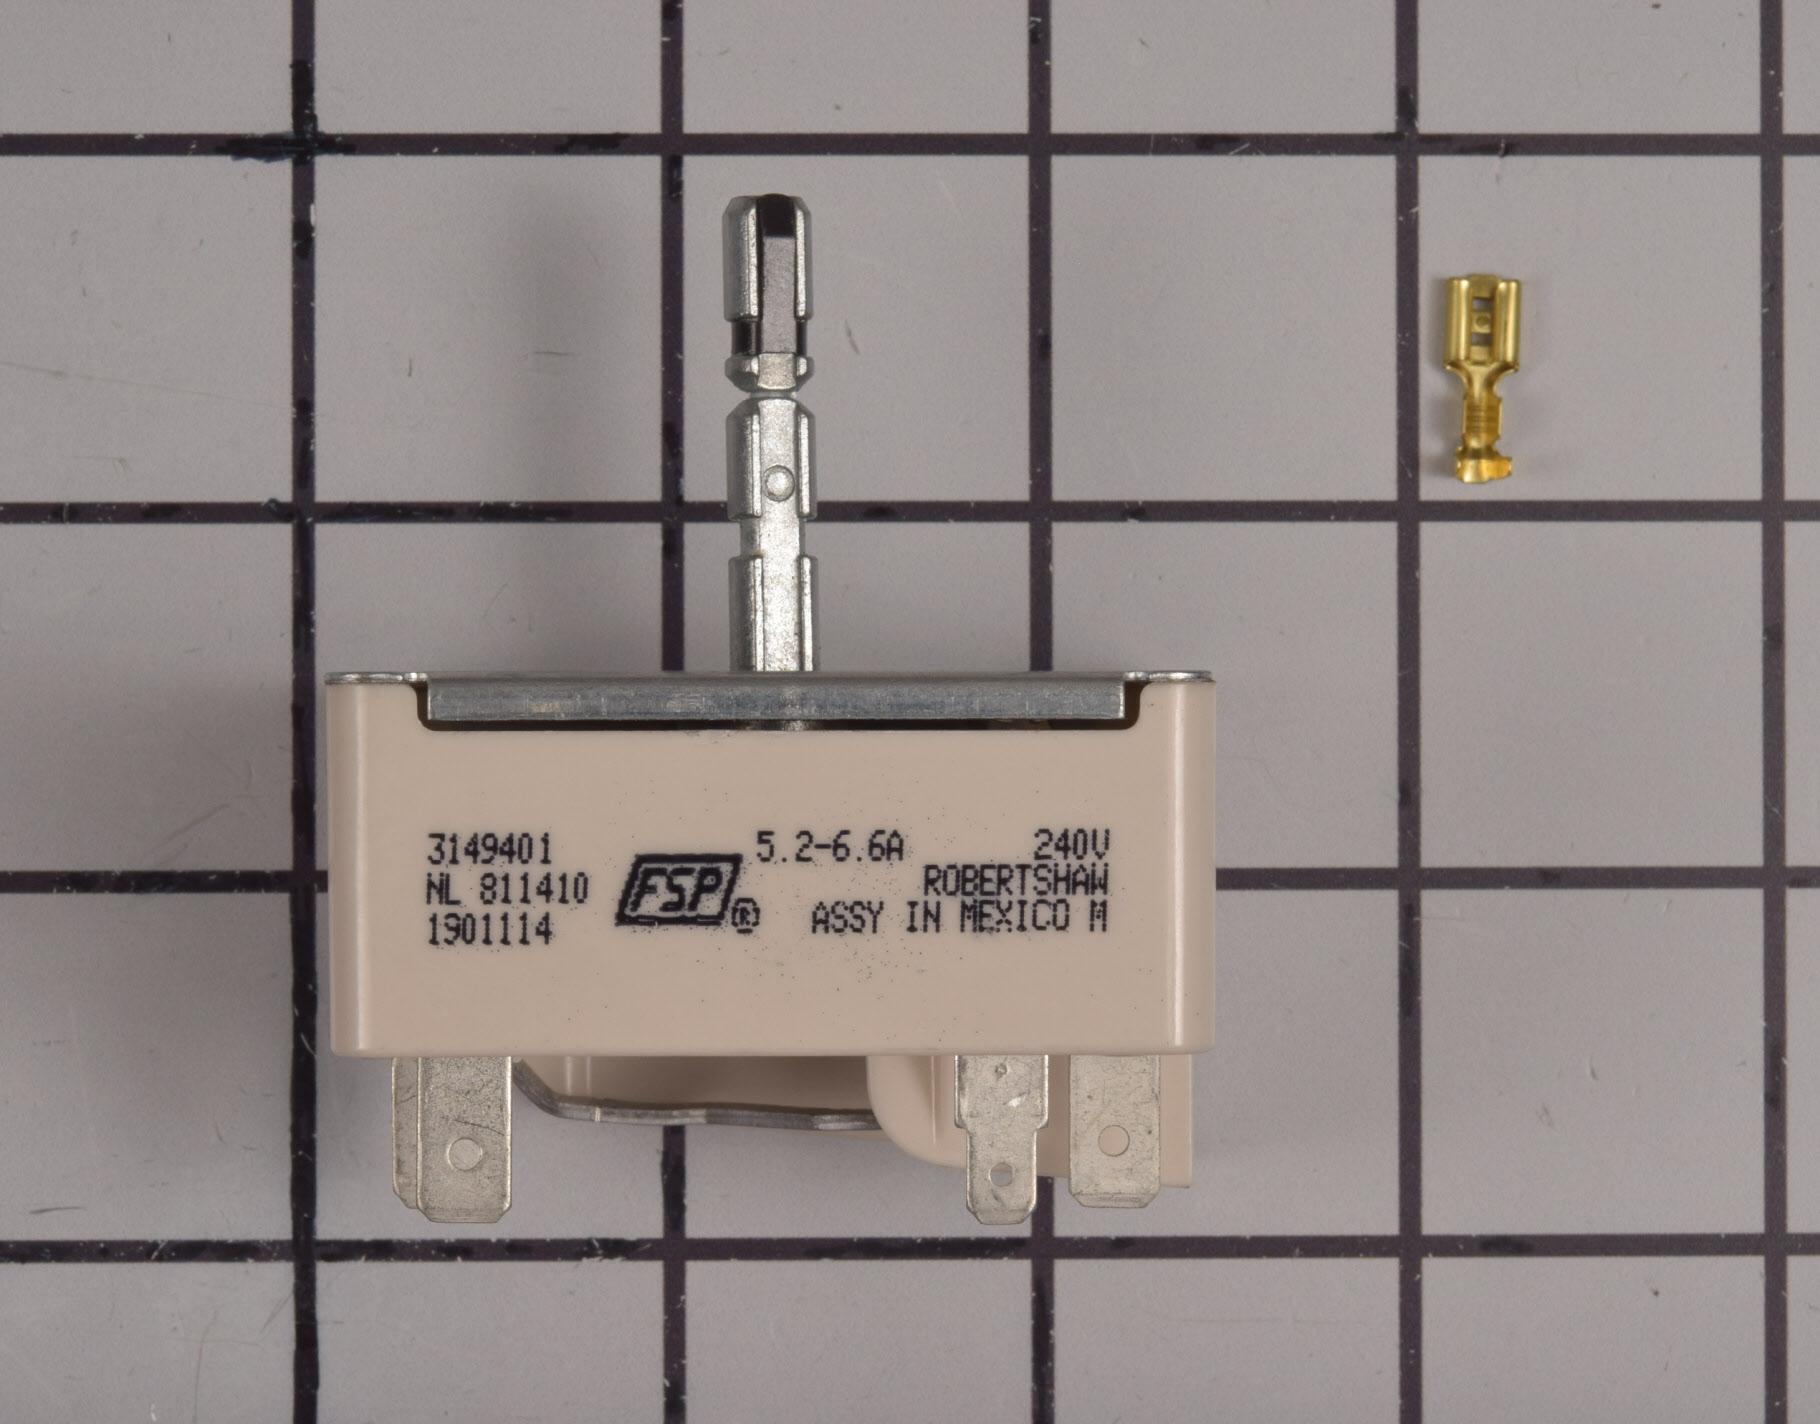 Amana Range/Stove/Oven Part # WP3149401 - Surface Element Switch